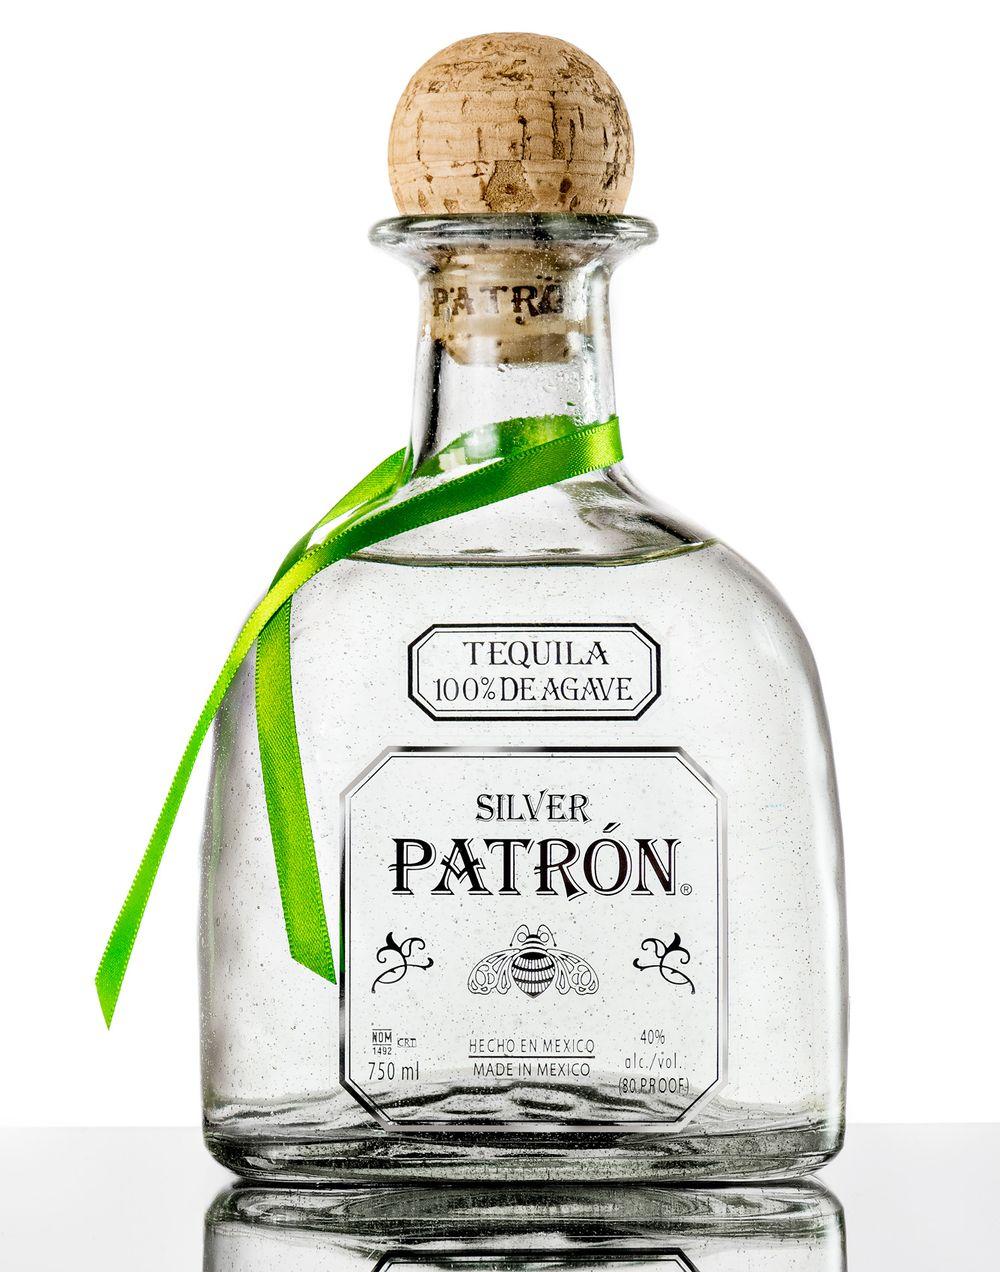 PATRON_HERO.jpg